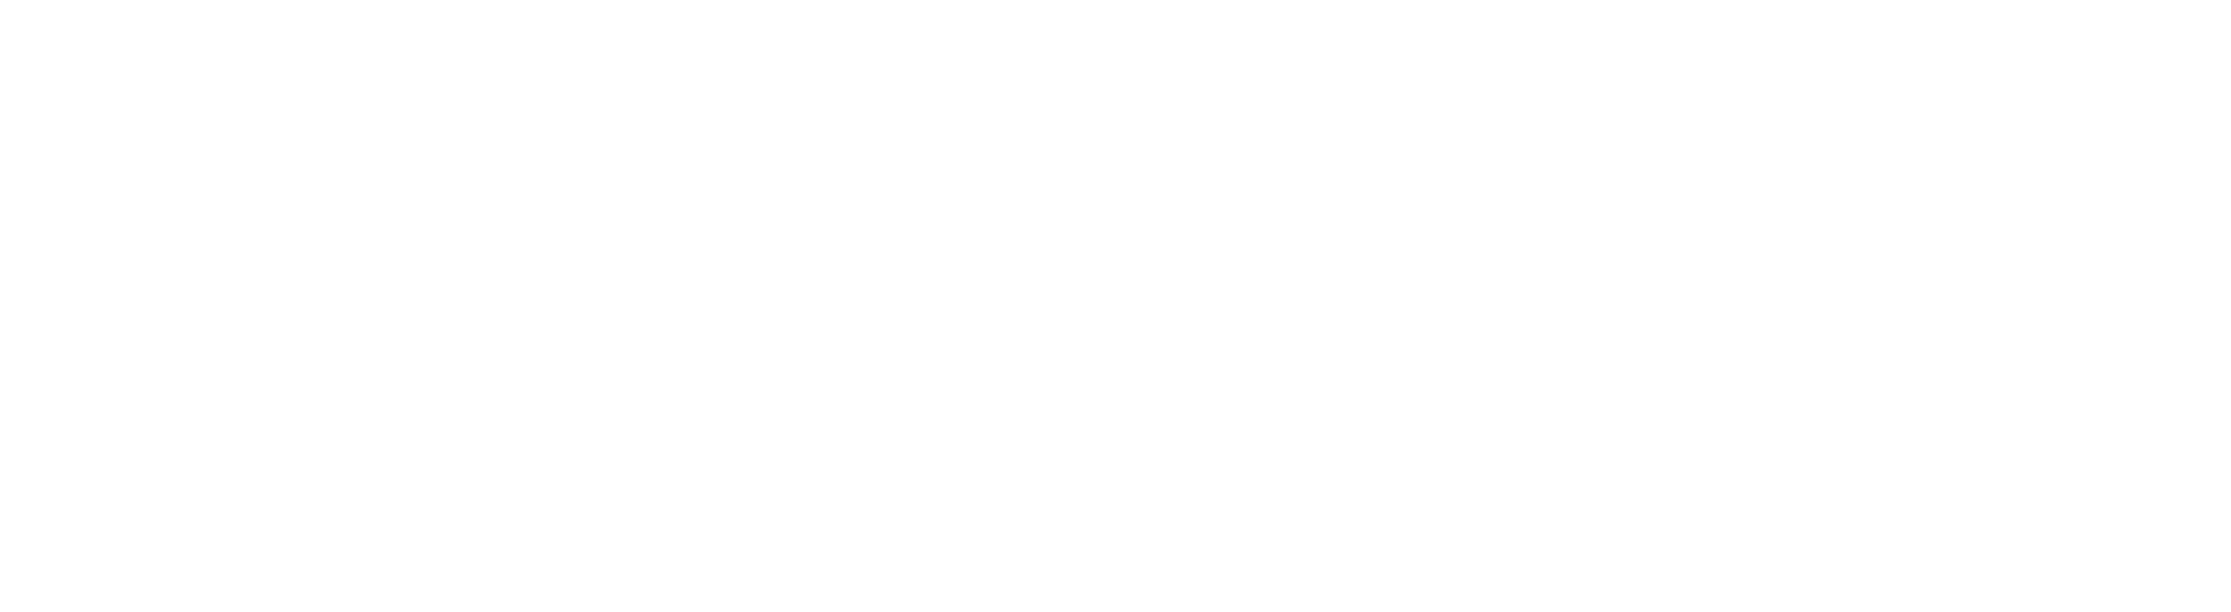 Medūkis